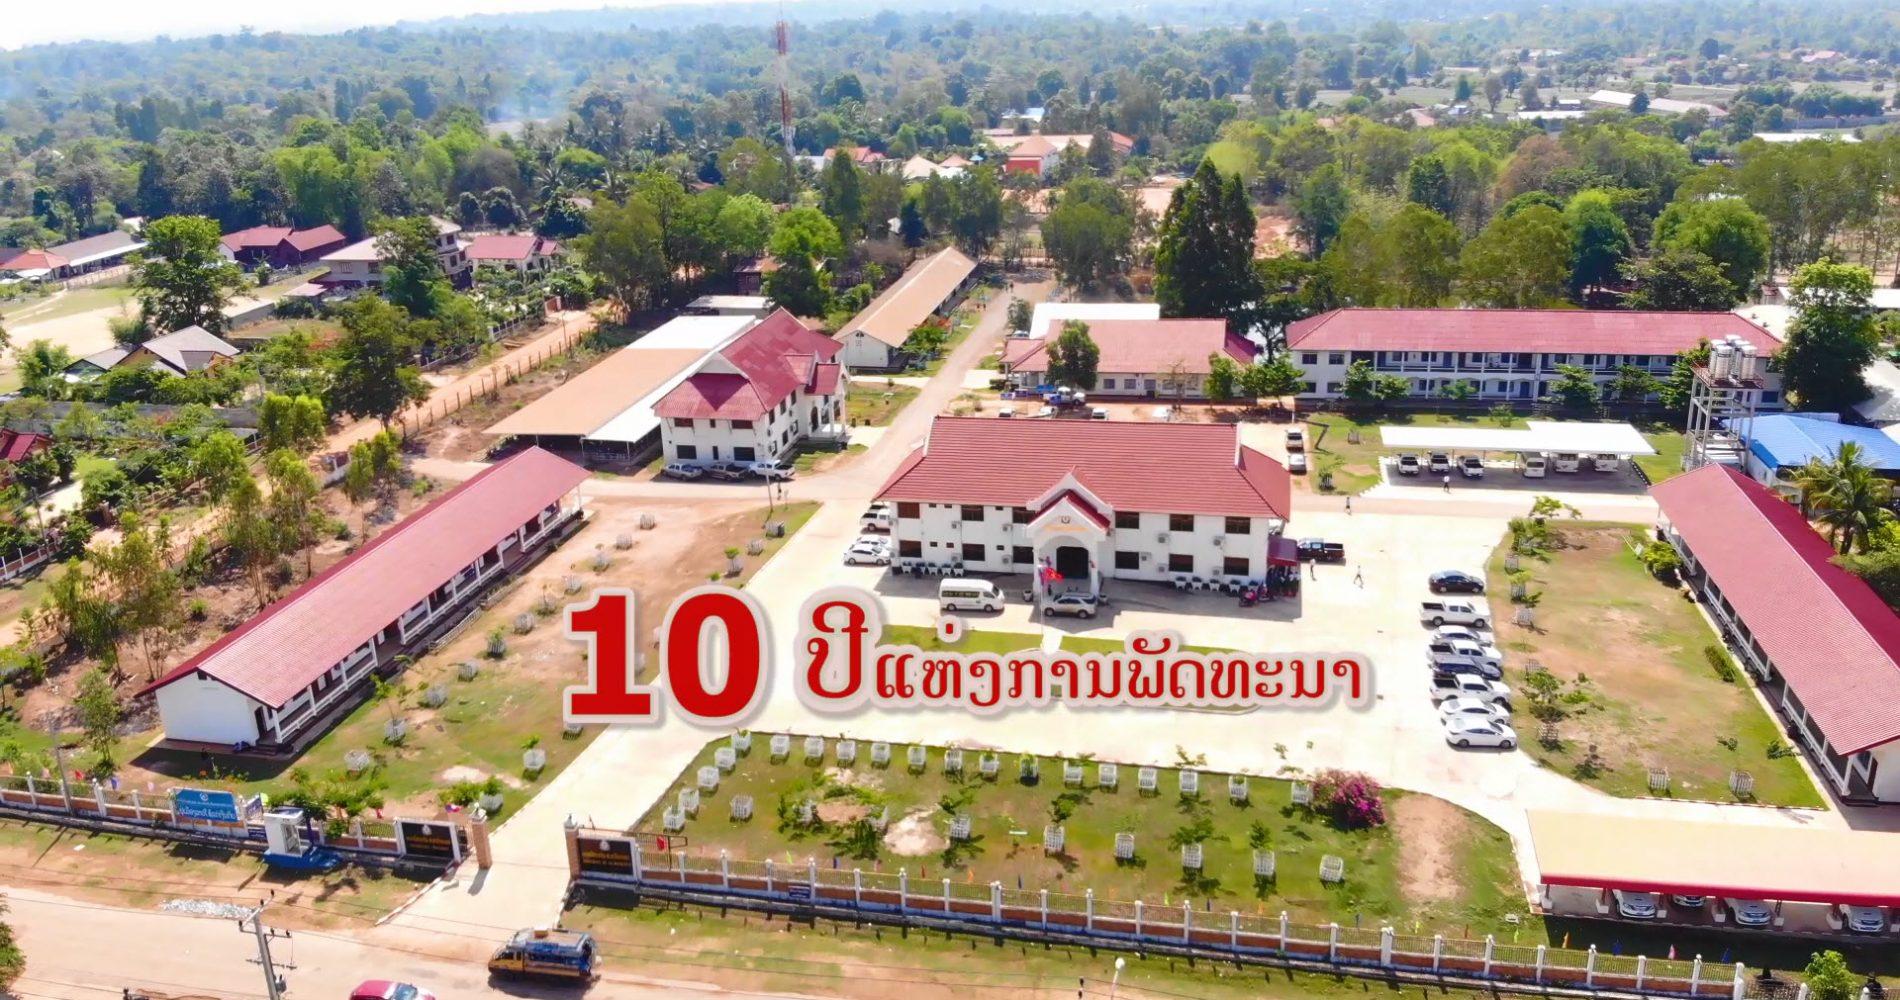 savannakhet University